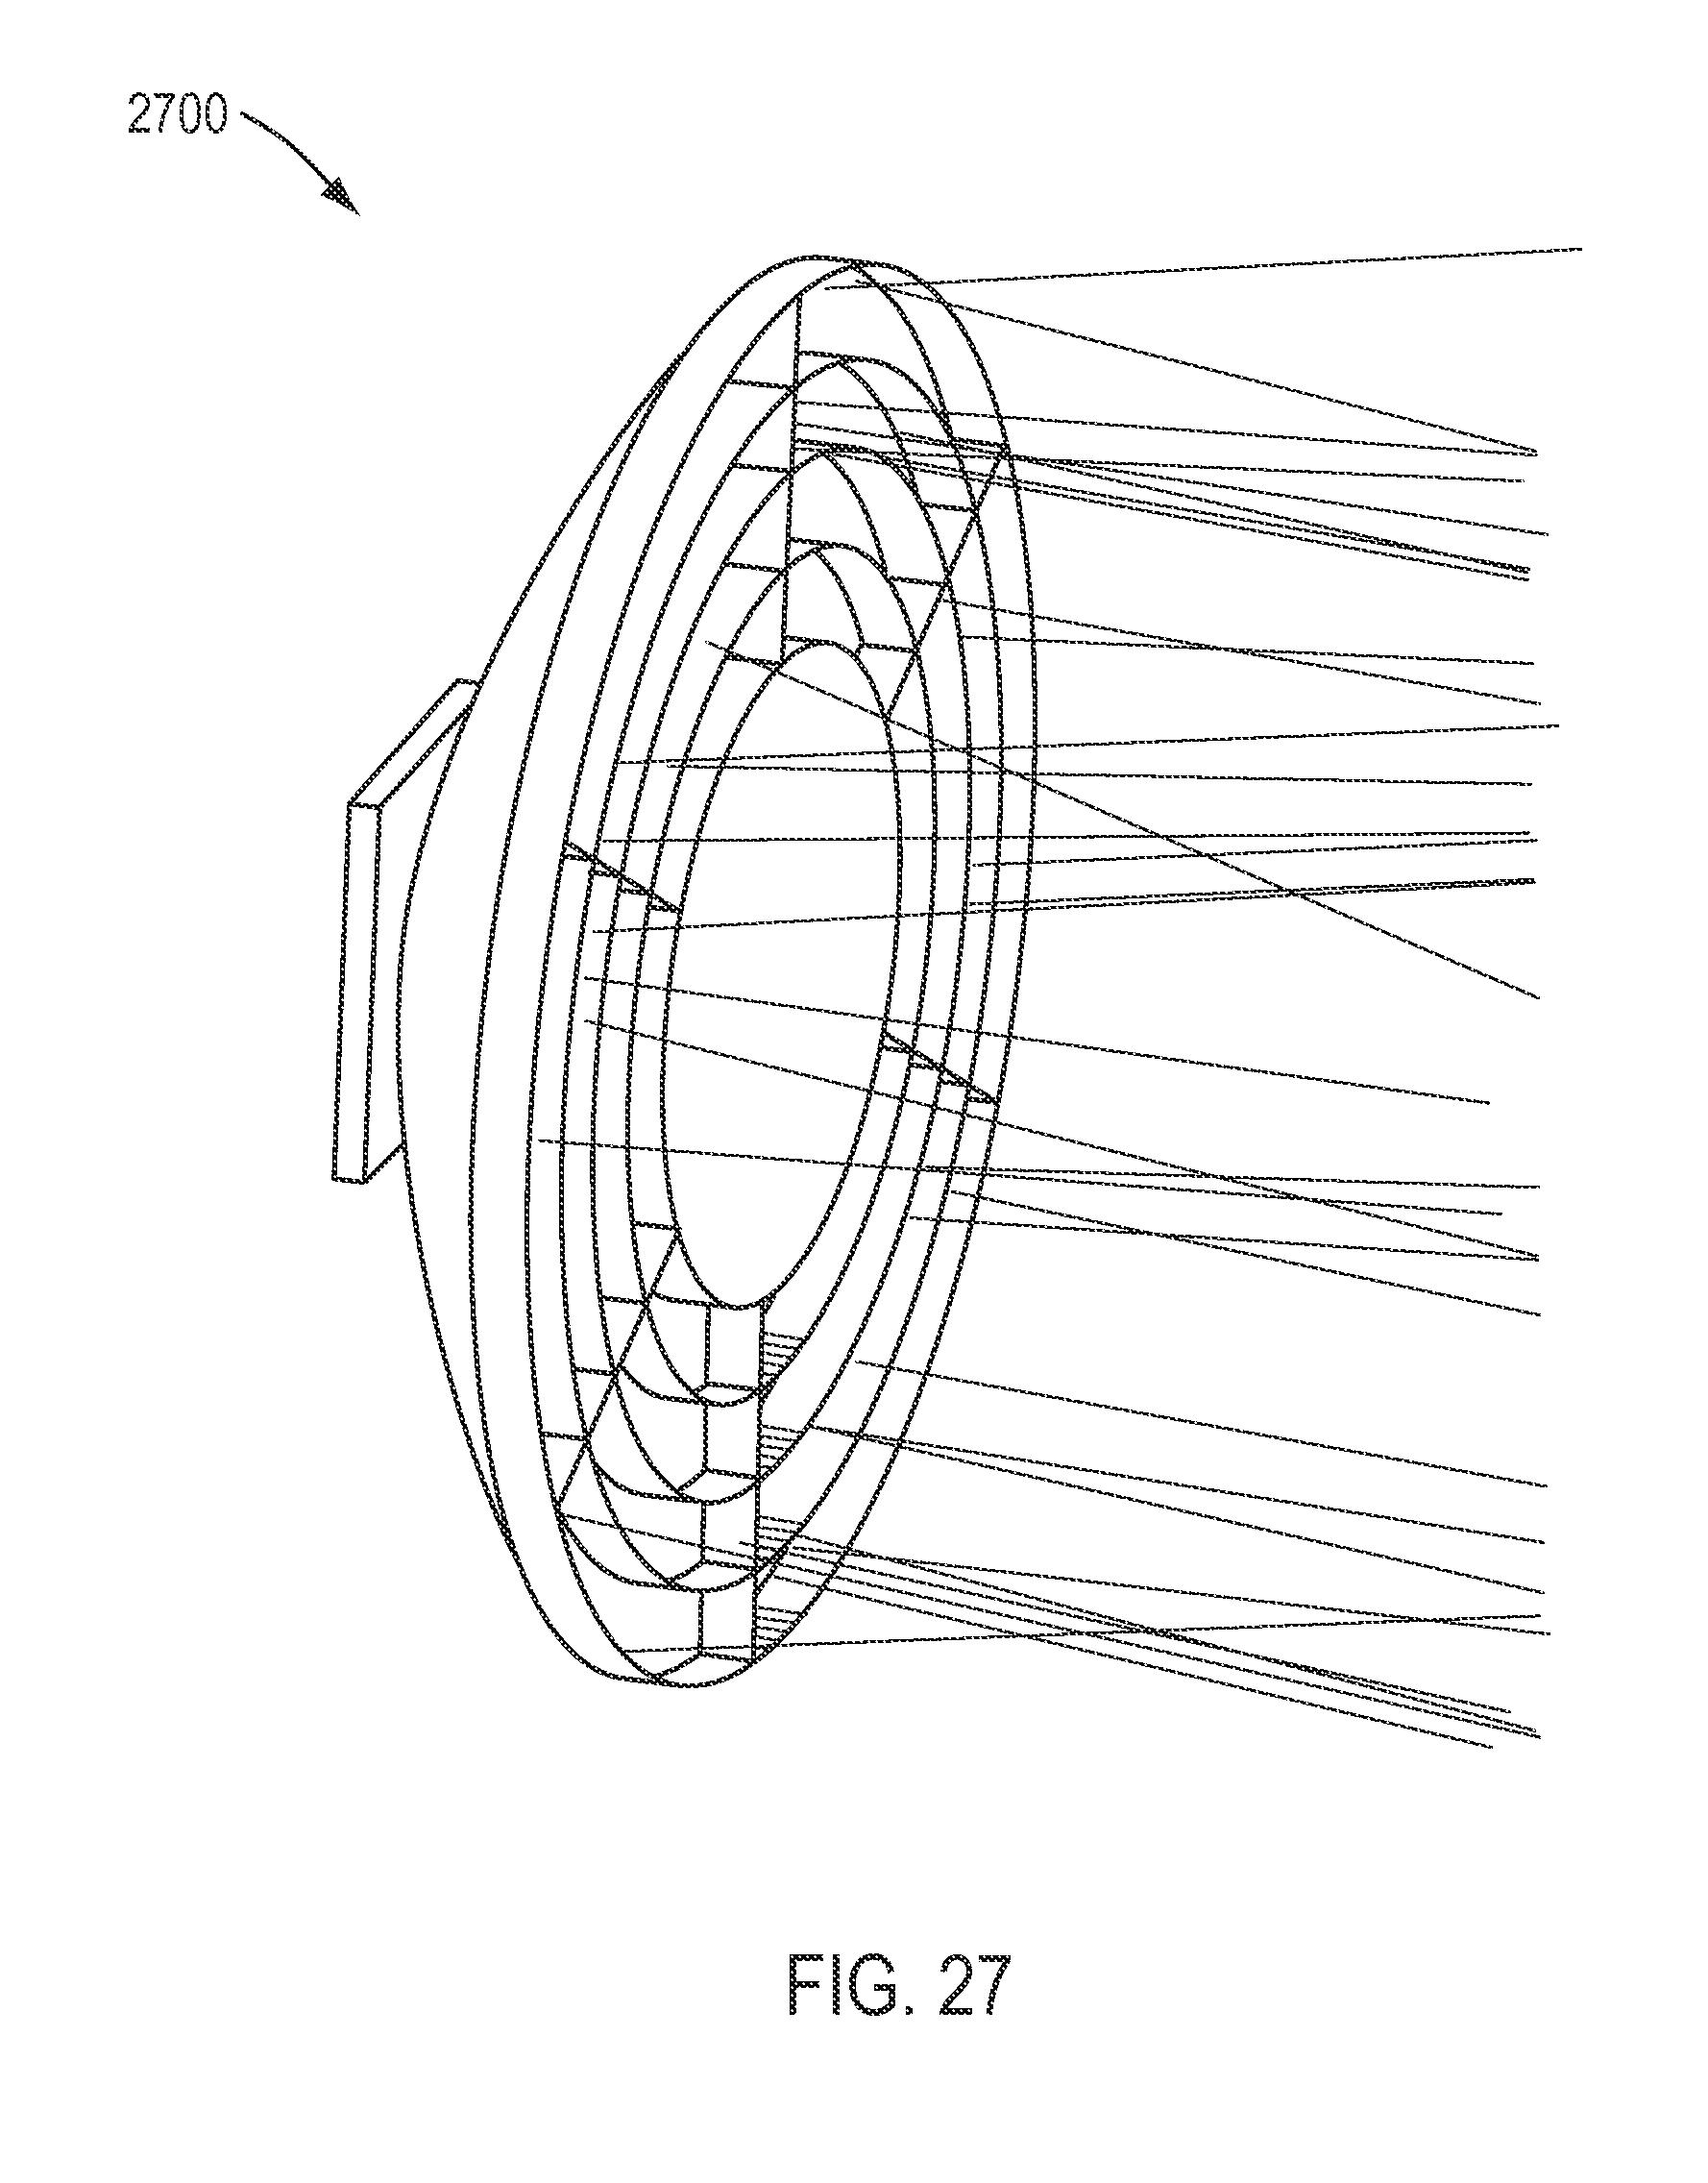 Rb20det Wiring Diagram Likewise Honda Wiring Diagram Furthermore Honda